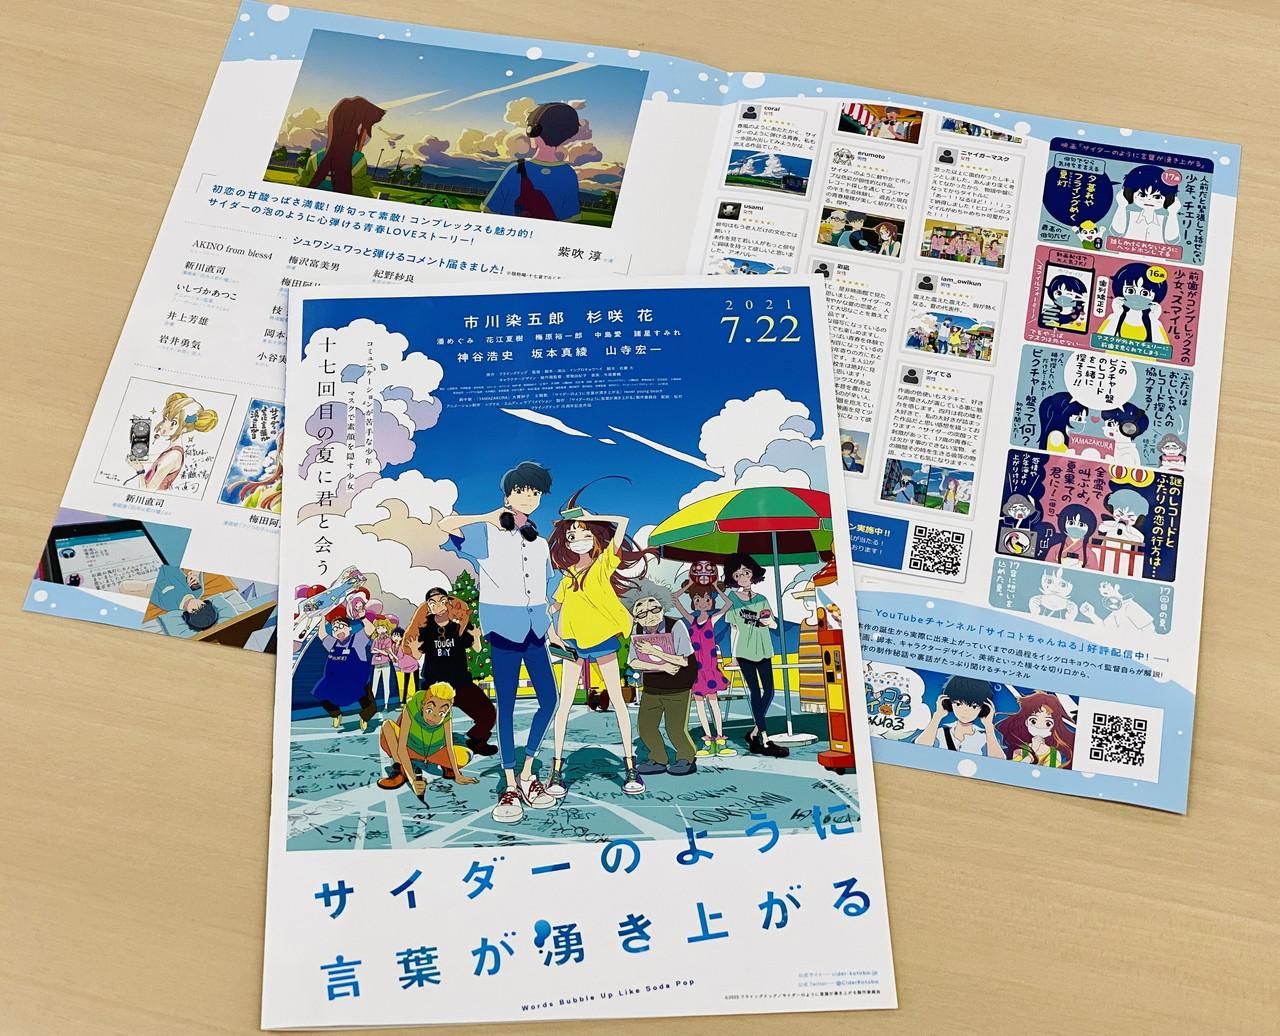 """また、「四月は君の嘘」の新川直司、そして「クジラの子らは砂上に歌う」の梅田阿比の人気漫画家2名からはイラストも到着。""""サイコト""""の世界観をさらに豊かなものにしている。"""